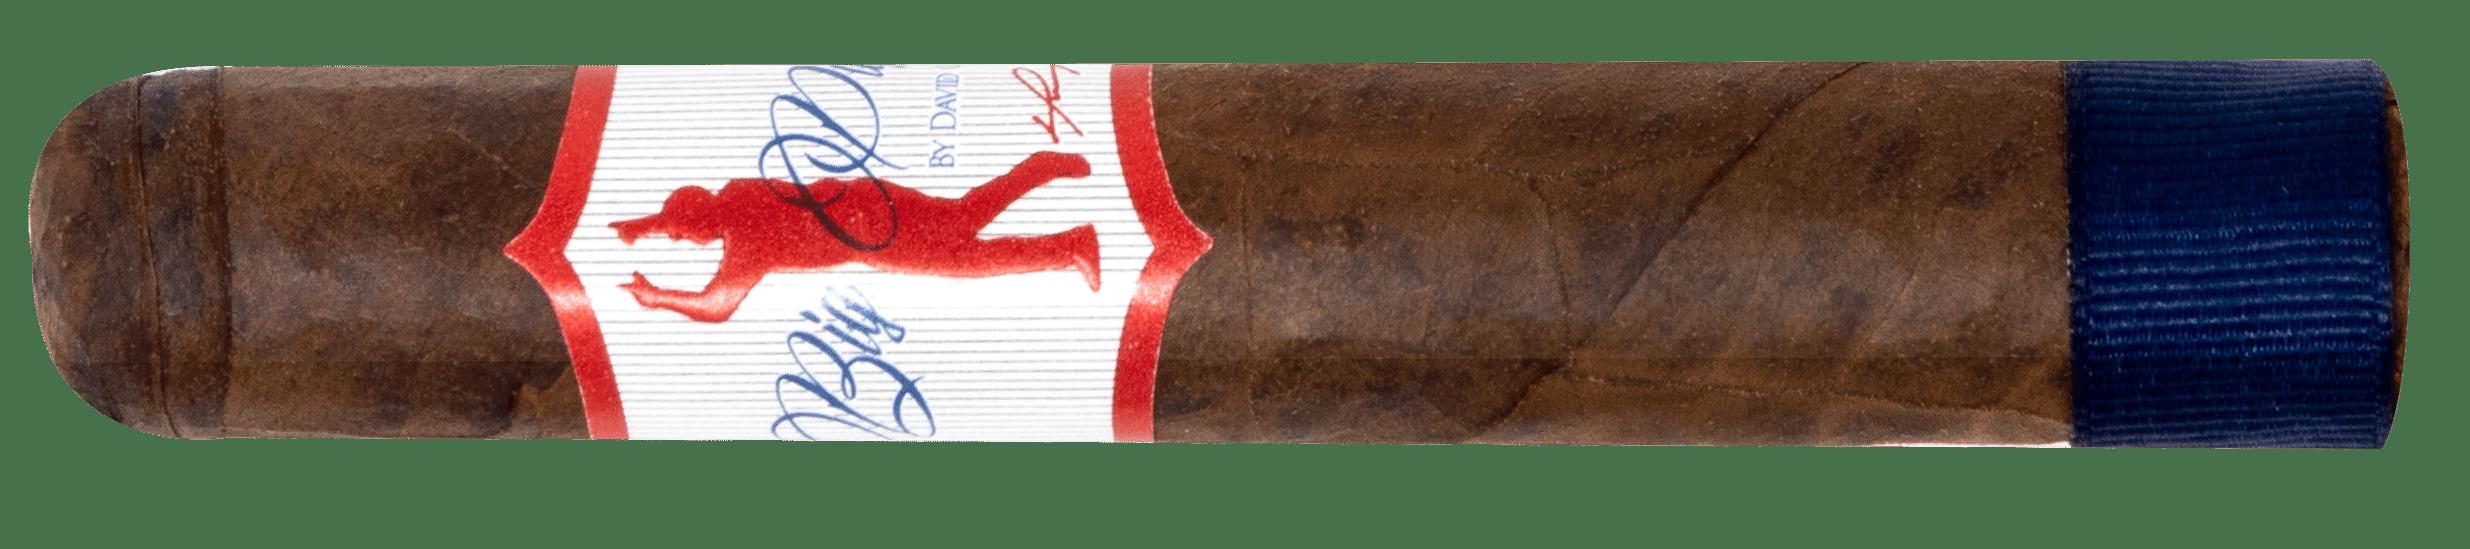 El Artista Adds Smaller Size to Big Papi - The Slugger - Cigar News